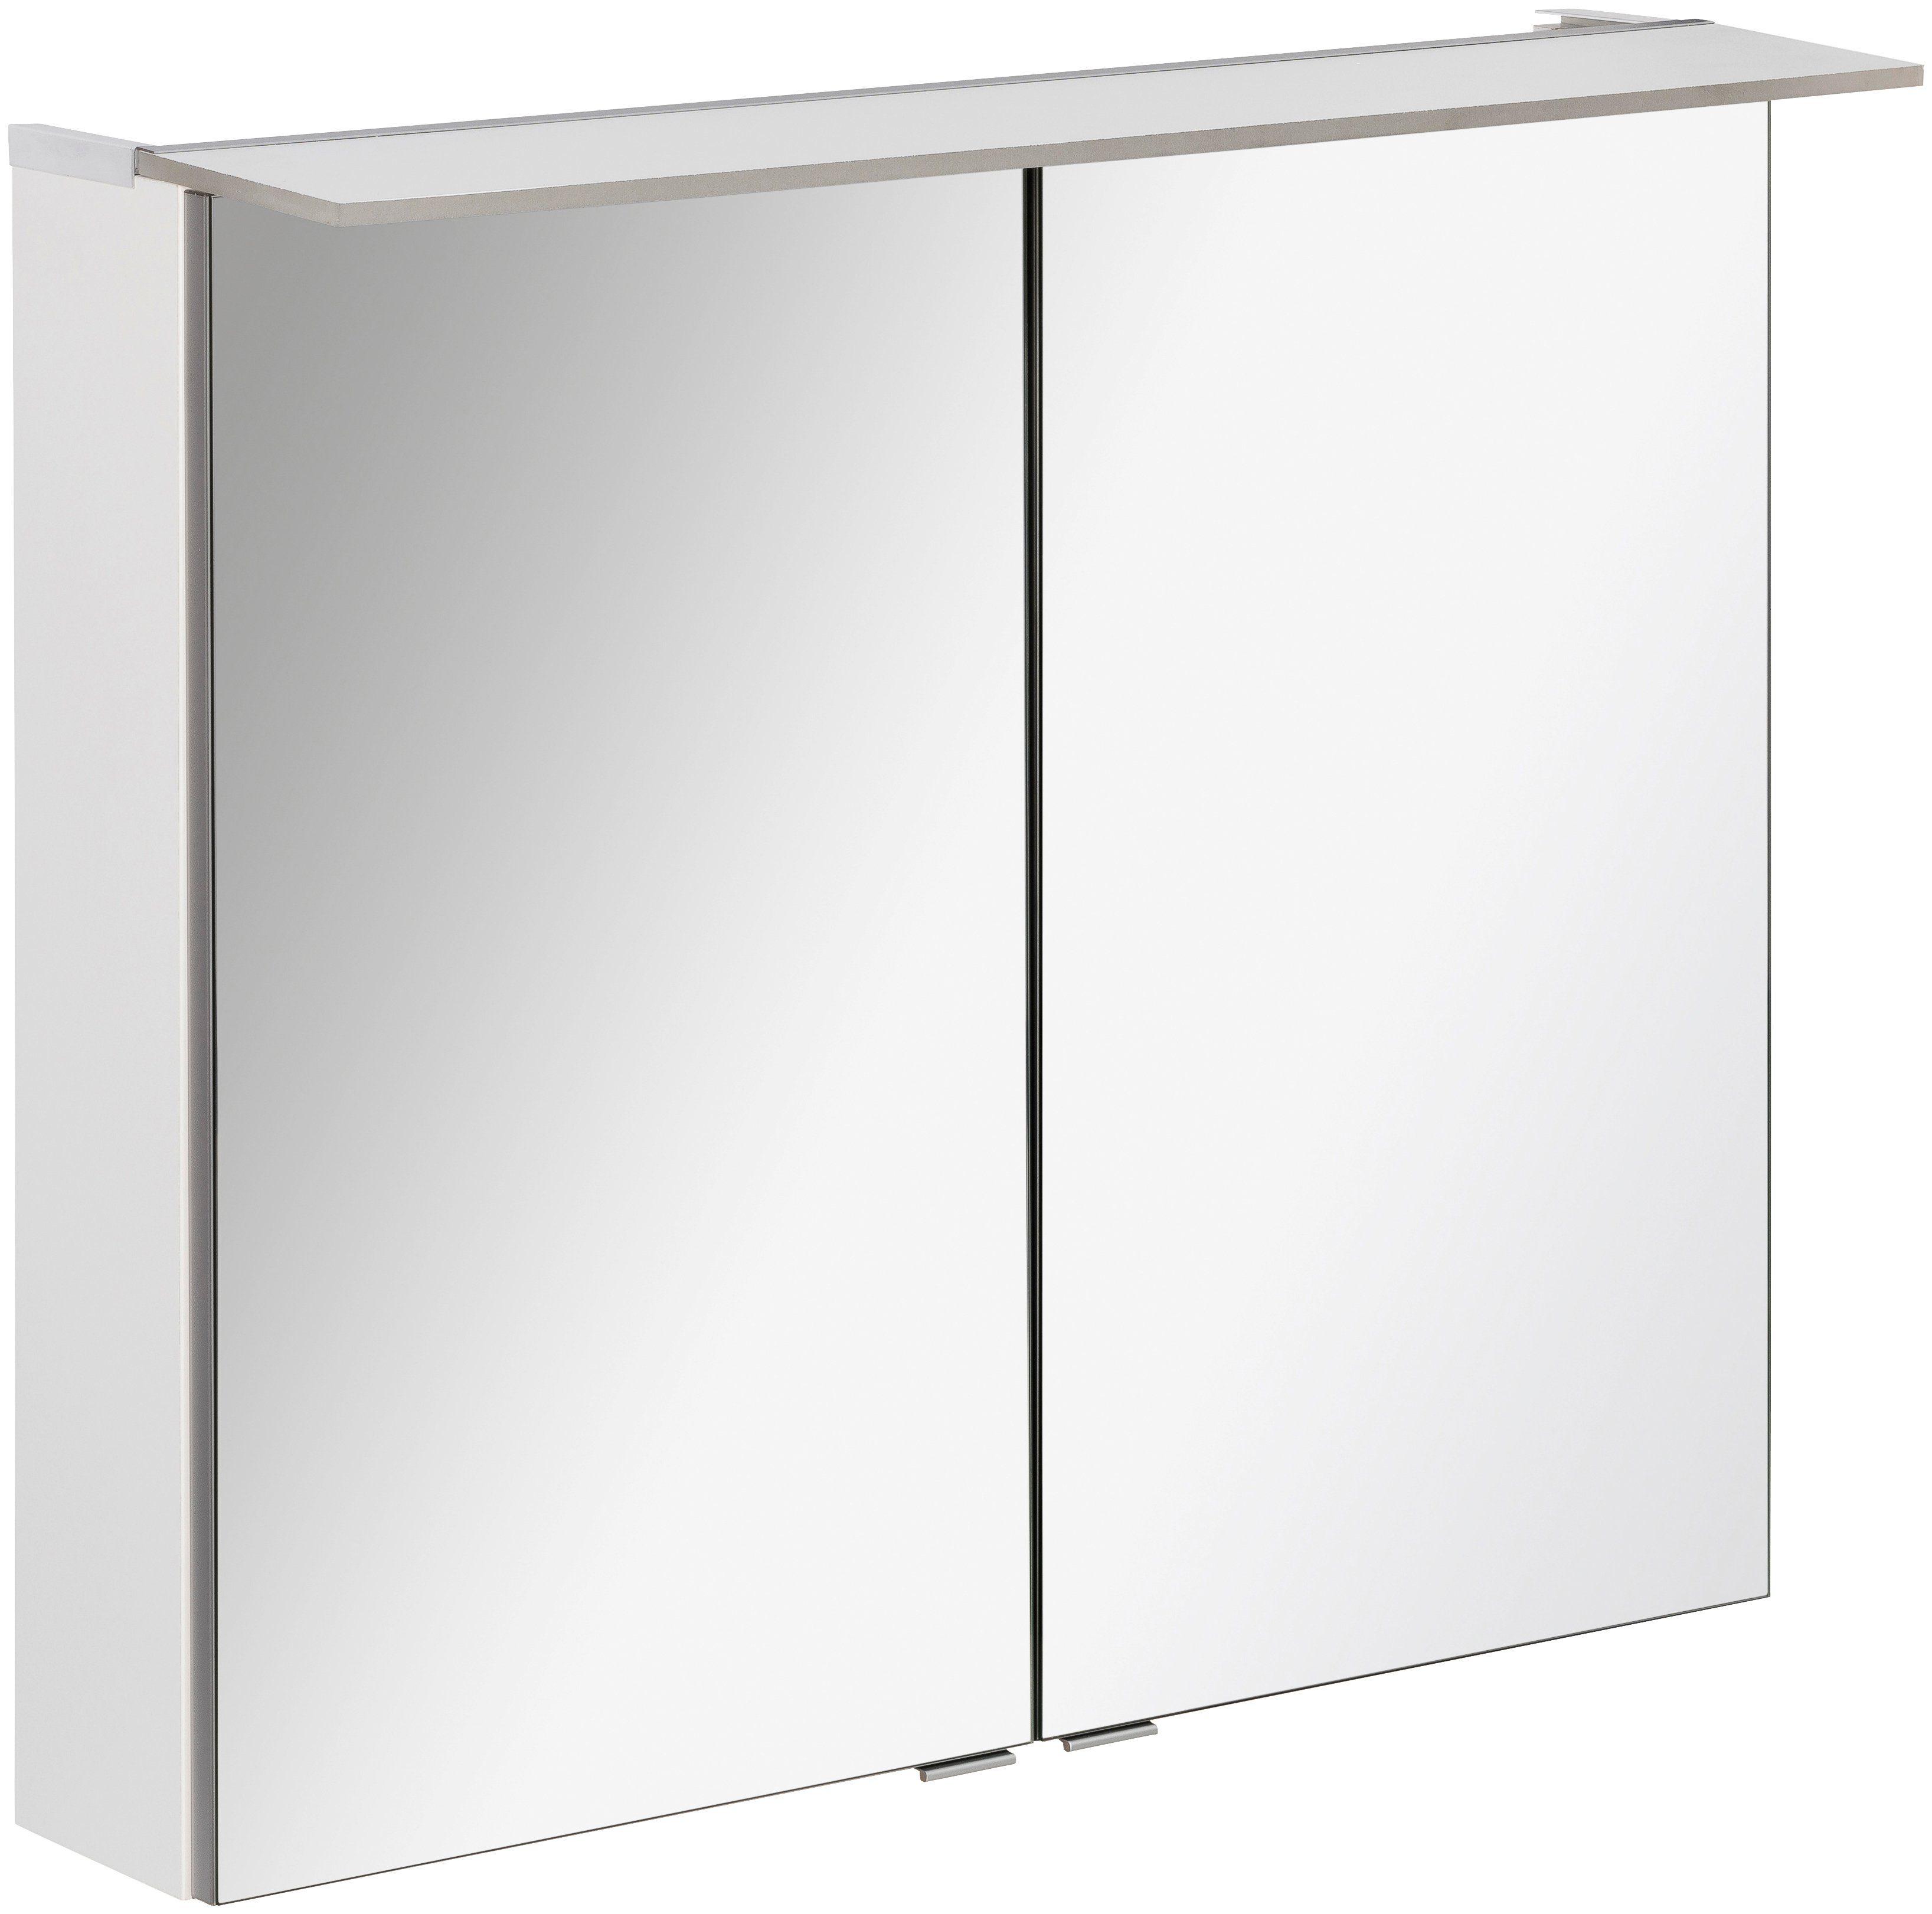 FACKELMANN Spiegelschrank »PE 80 - weiß«, Breite 80 cm, 2 Türen